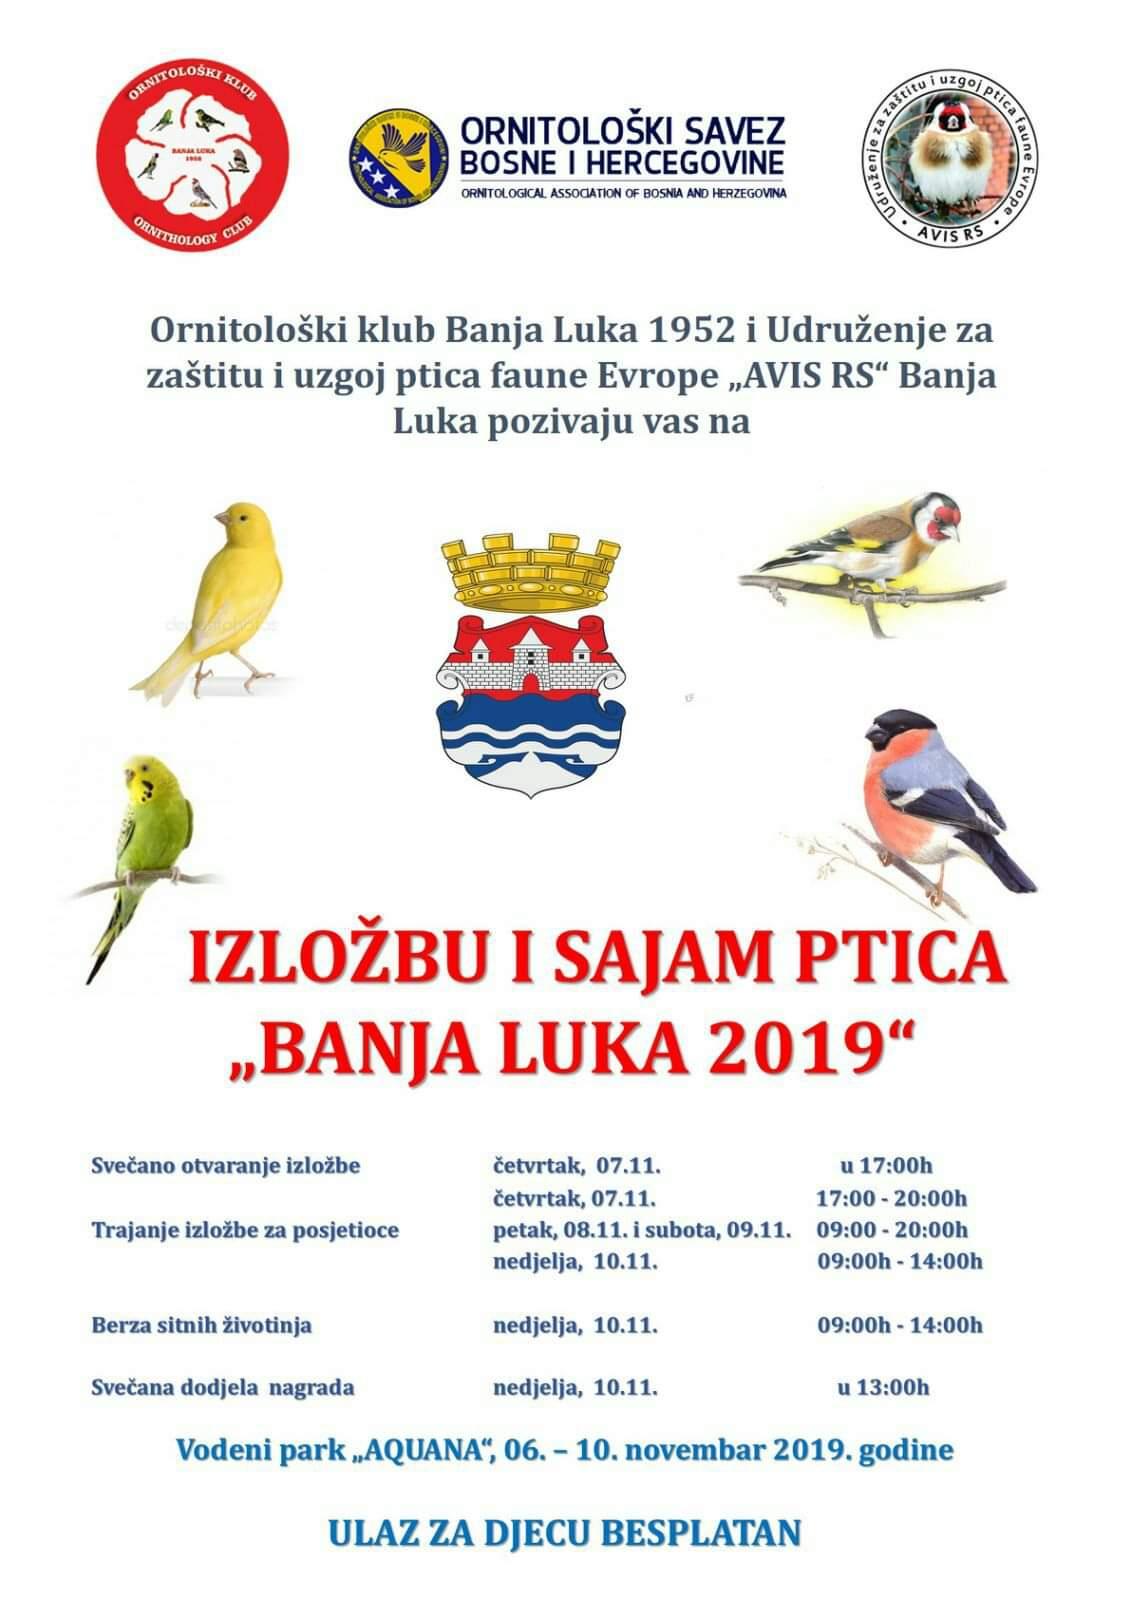 Ornitološka Izložba Banja Luka 2019